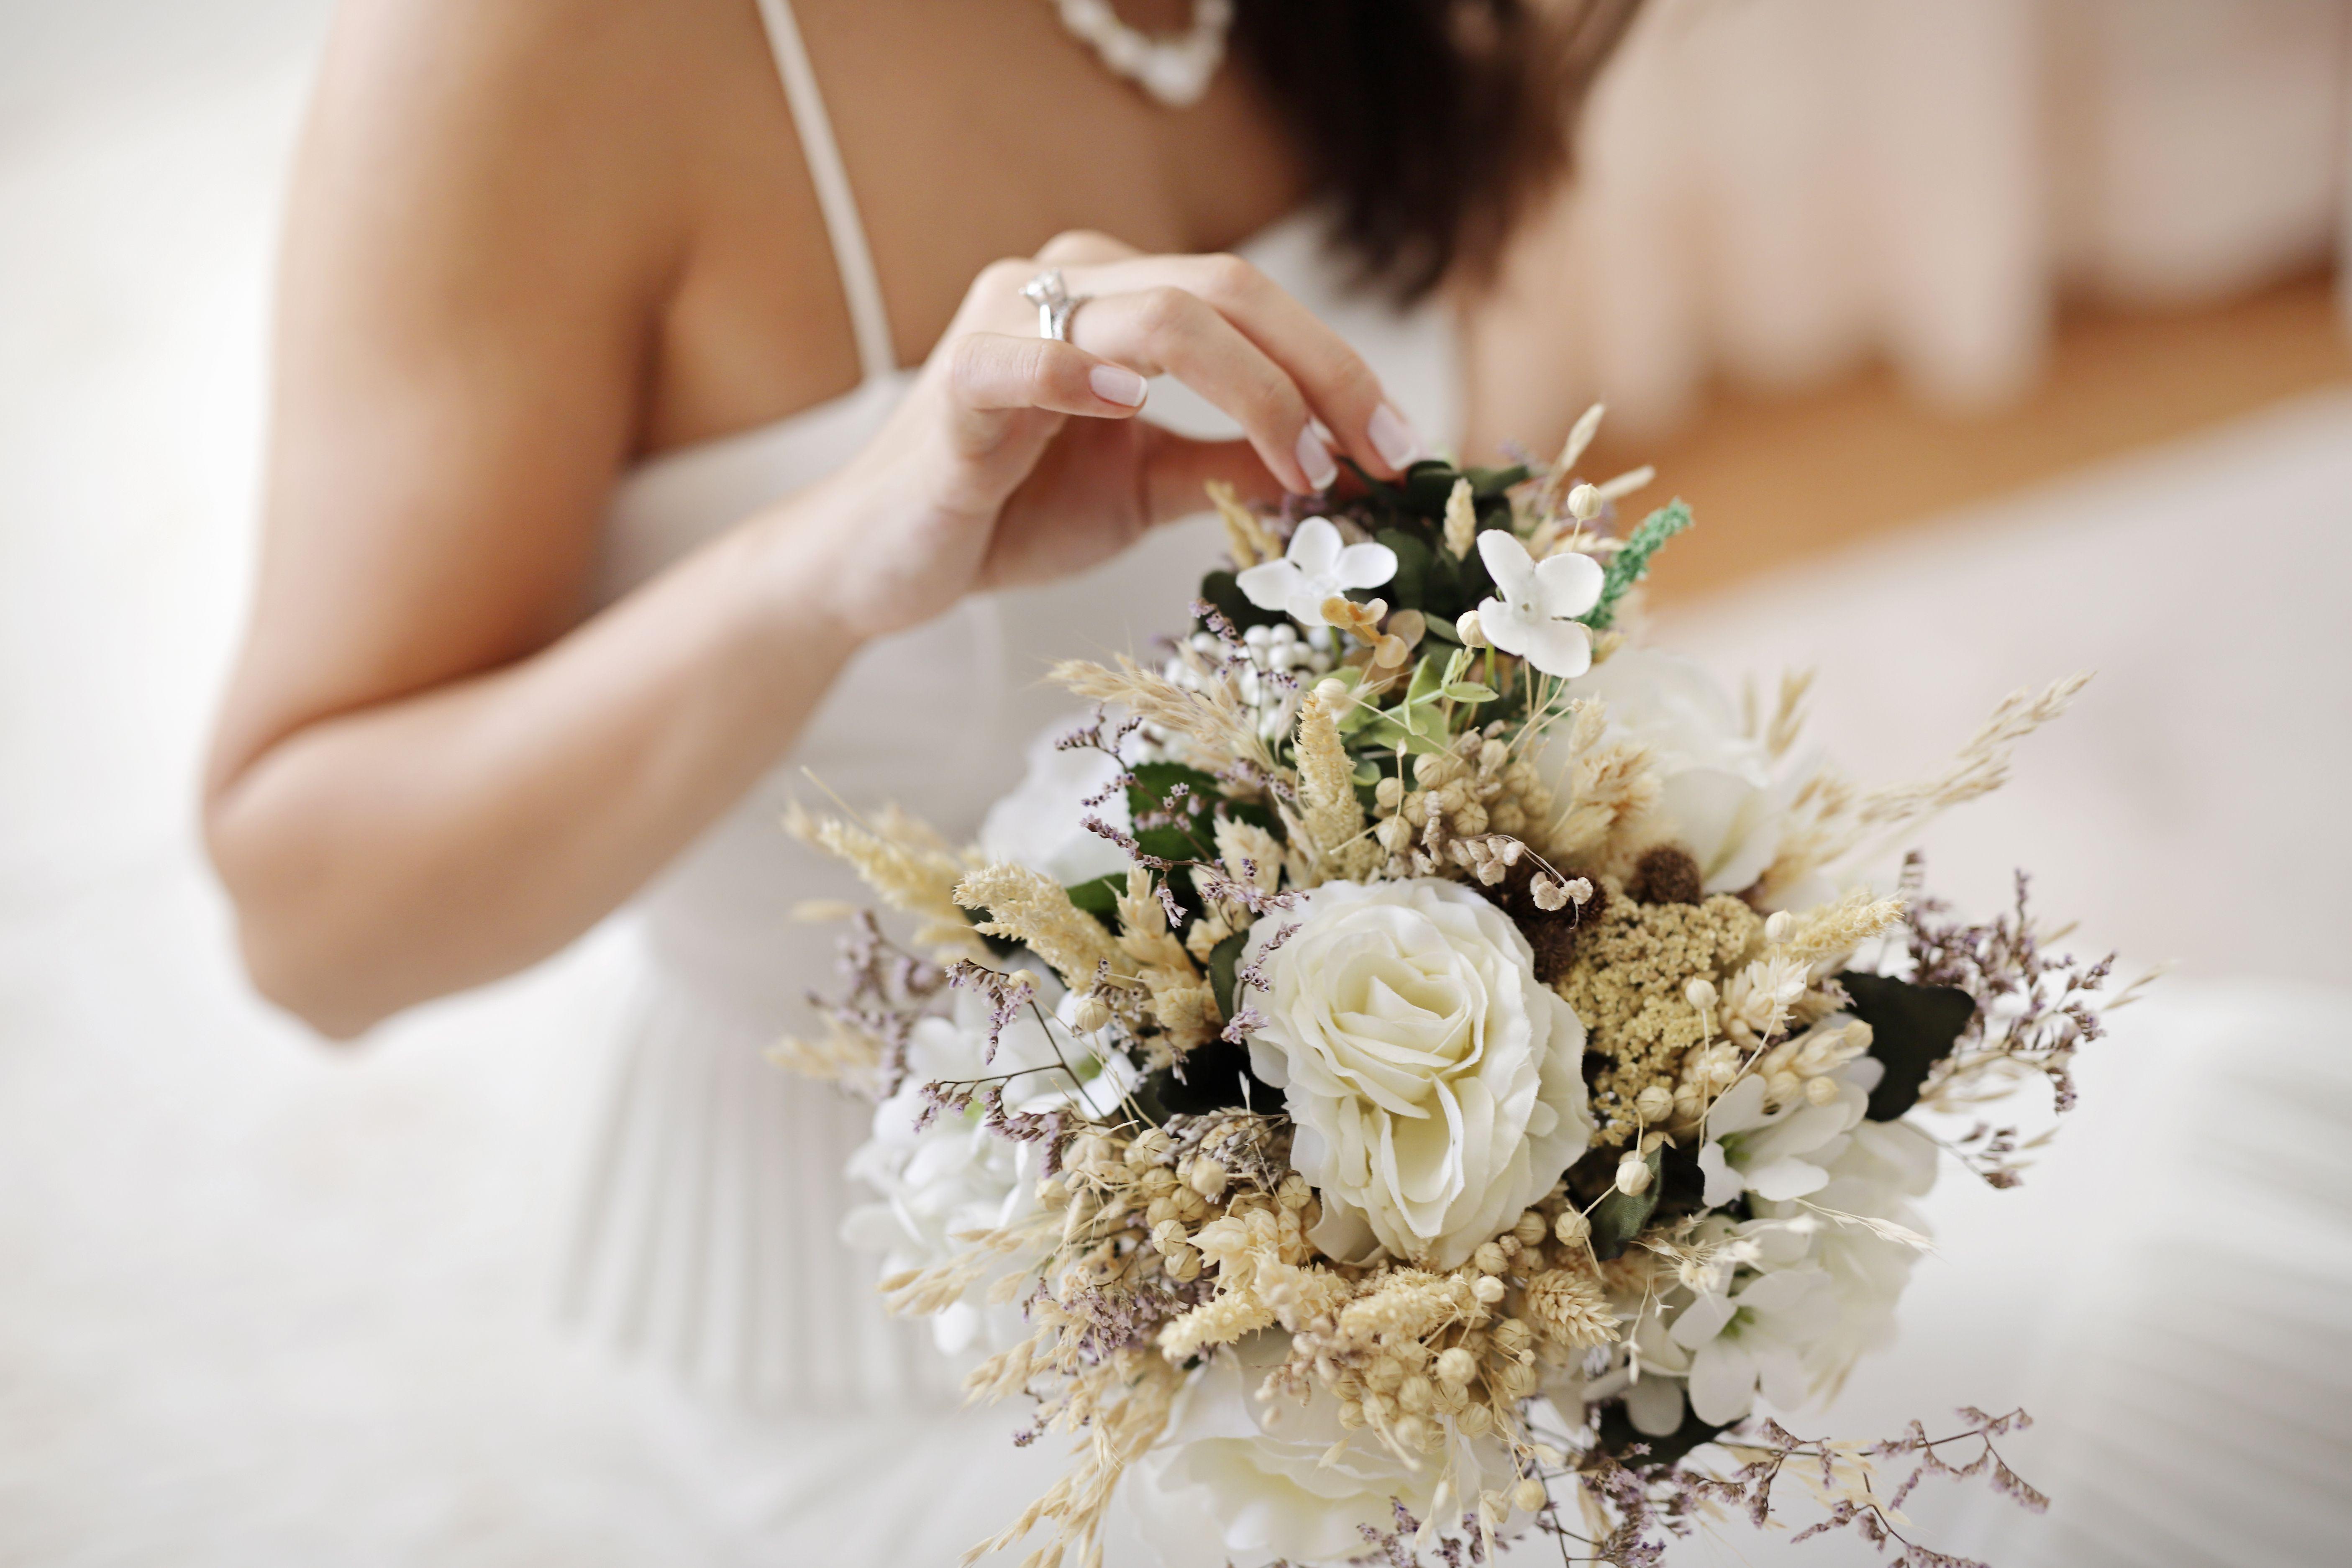 #duguncekımlerı #hikaye #fotoğraf #wedding #weddingphotographer #bride #gelin #damat #gelinlik #fotoğraf #anı #düğün #buket #damatlık #gelinbuketi #kısafilm #love #düğünfotoğrafları